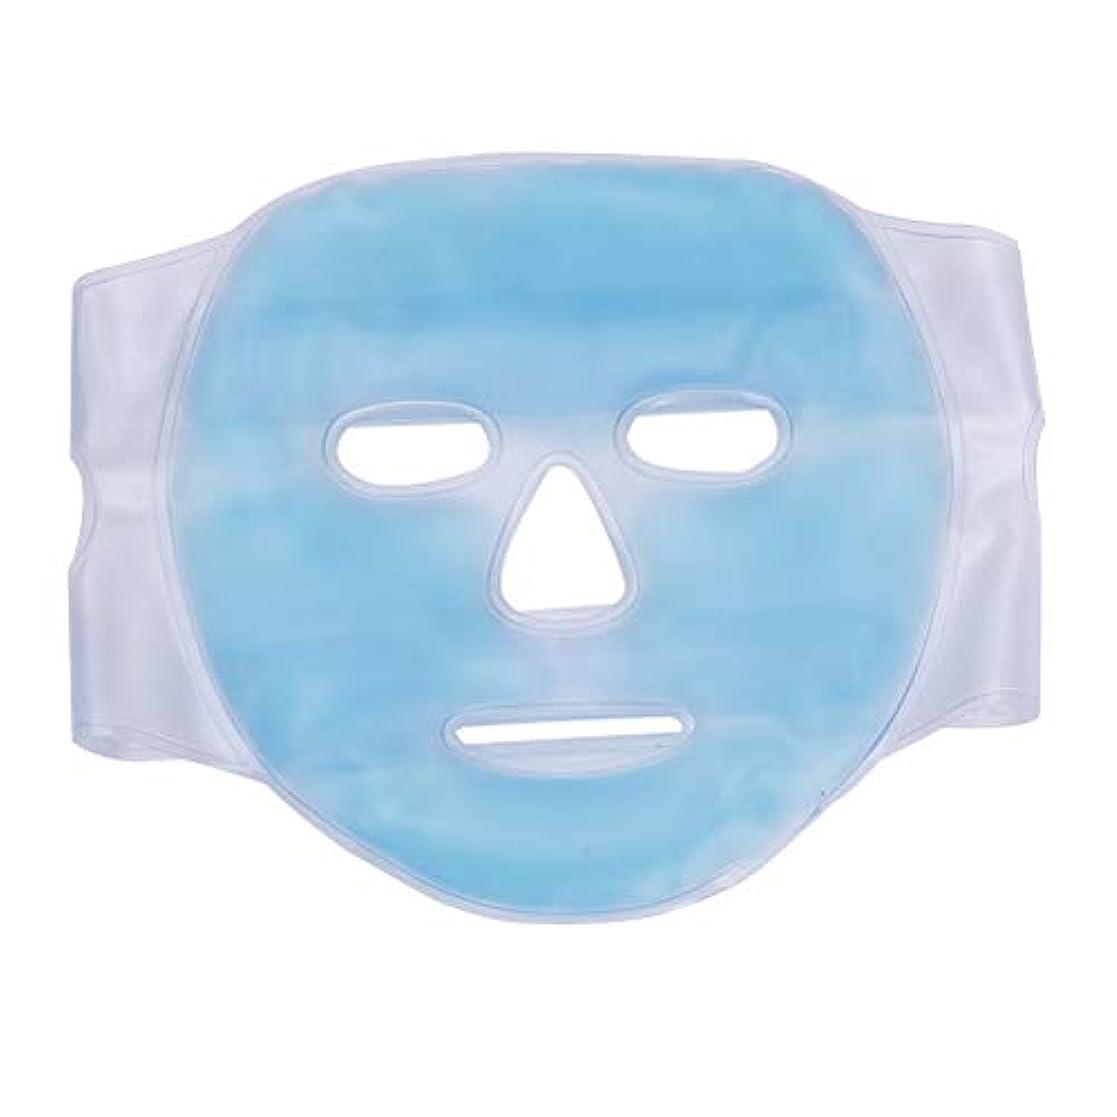 配管非互換神話SUPVOX 美容マスクホットコールドセラピージェルビーズフルフェイシャルマスク睡眠用片頭痛緩腫れぼったい顔(青)